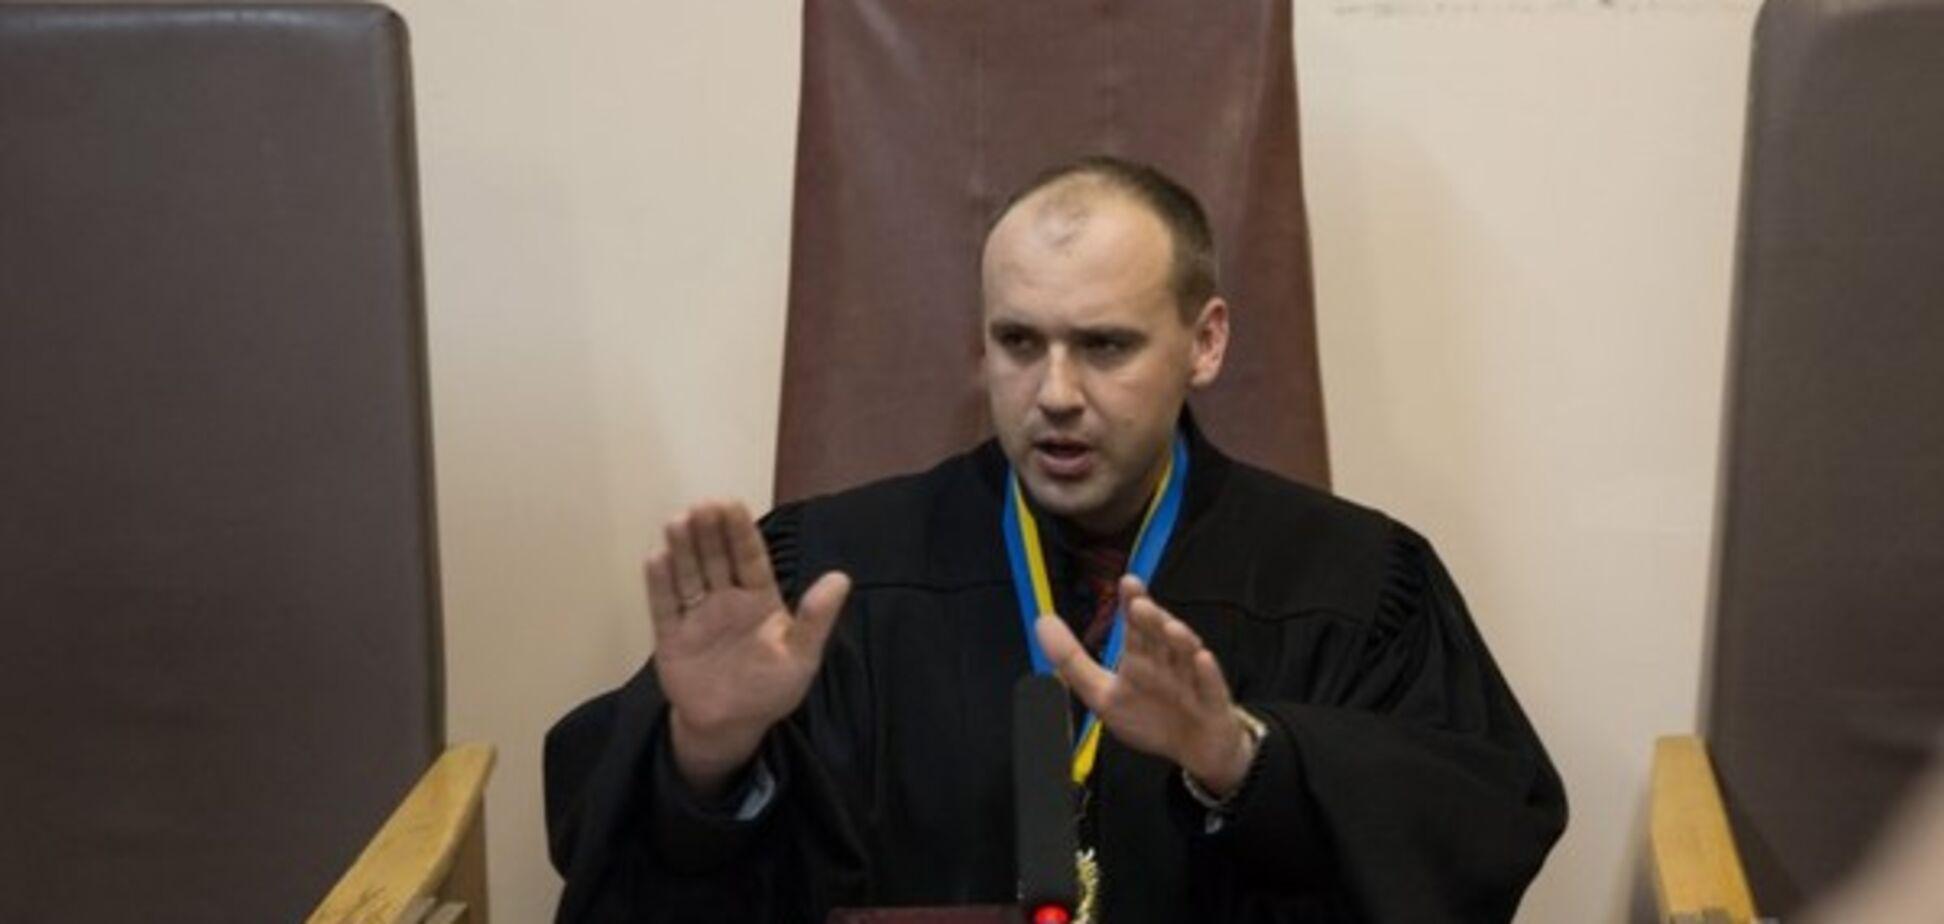 Пішов з життя 'кишеньковий' суддя НАБУ: чим він оскандалився